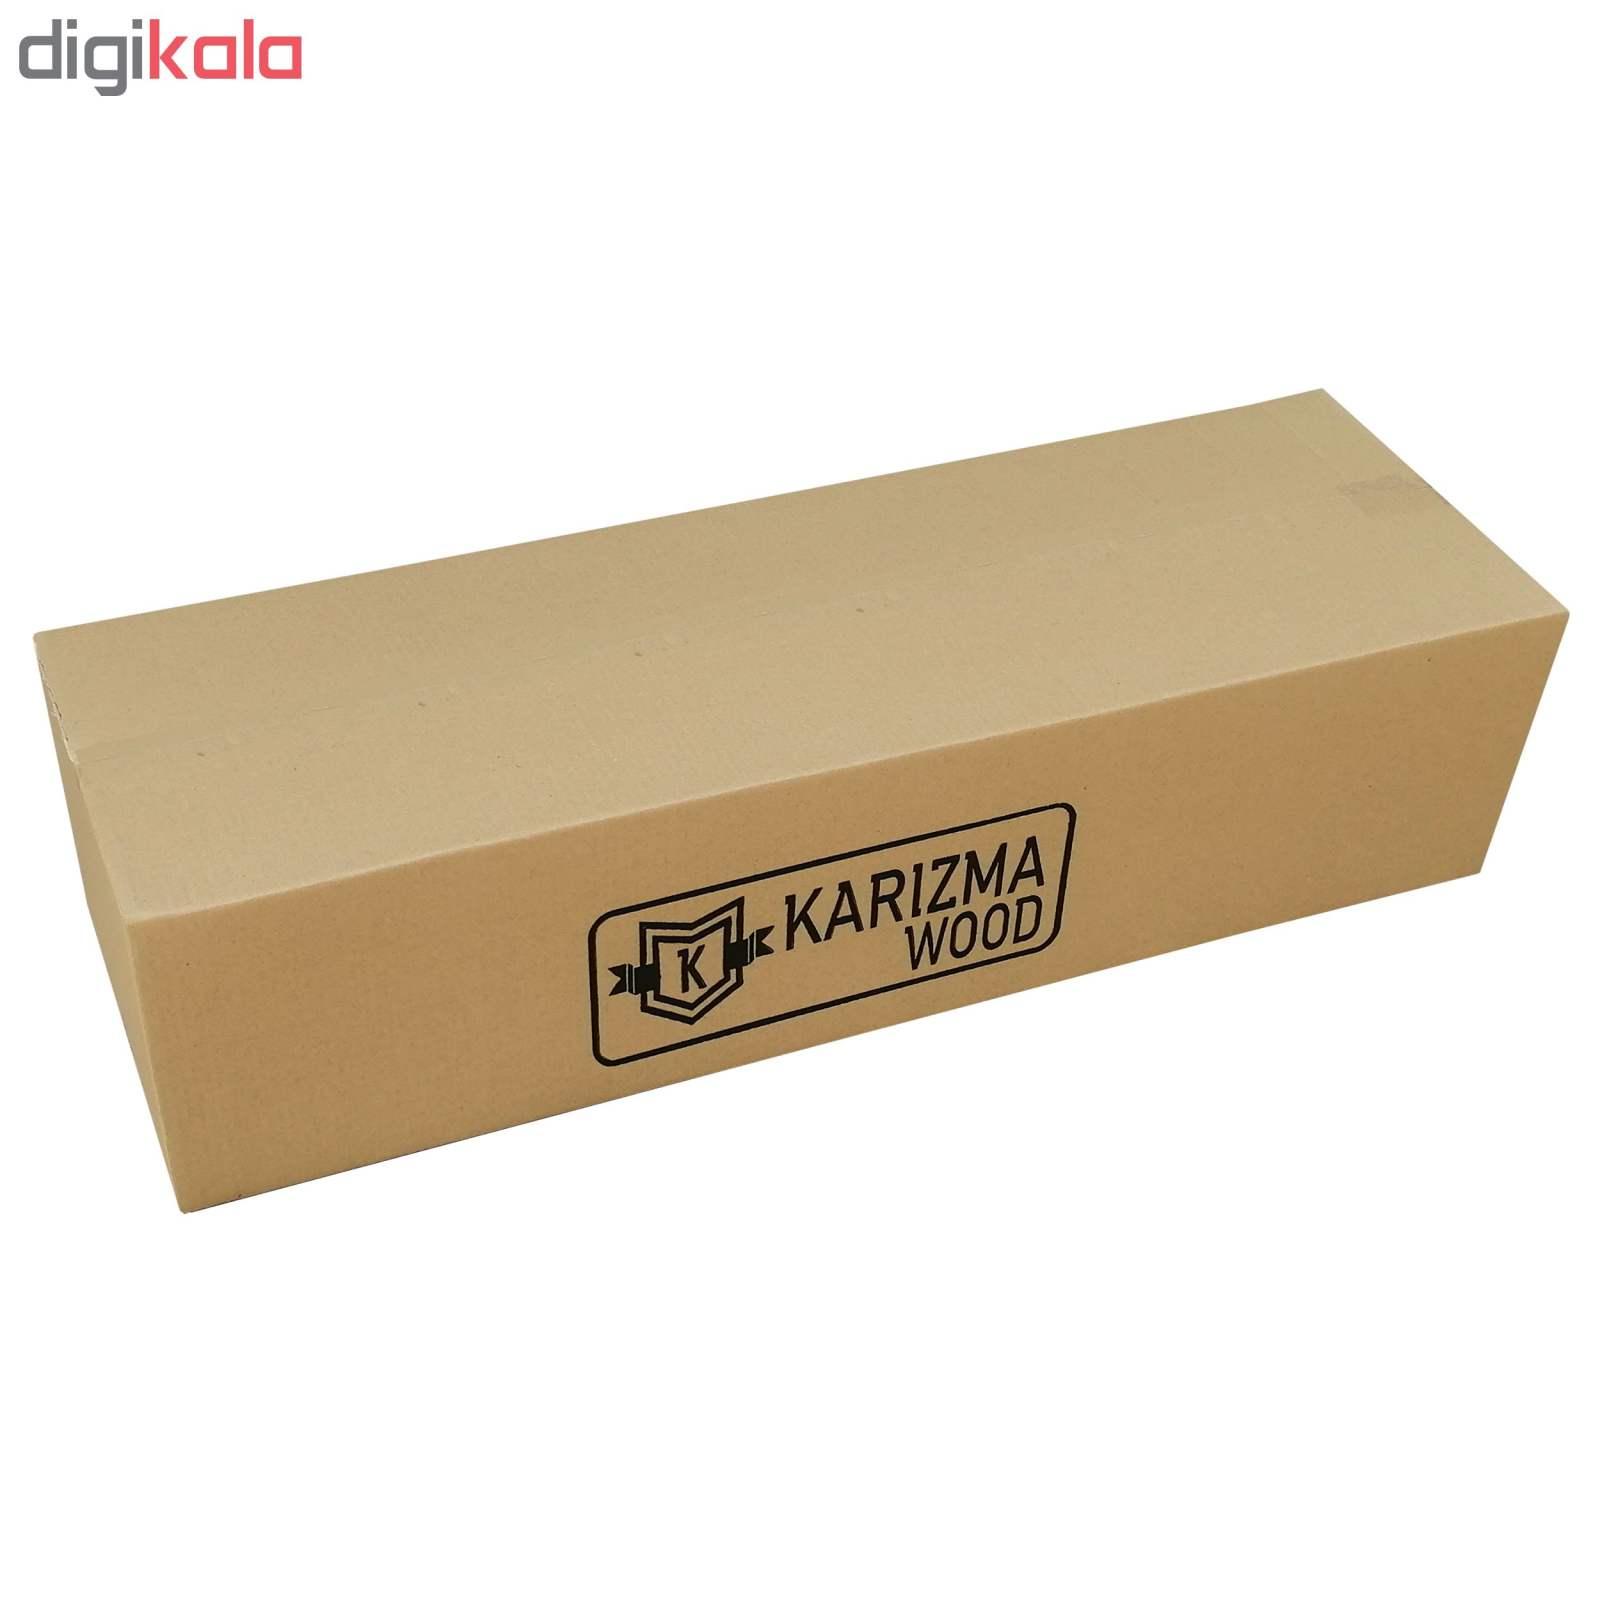 میز تلویزیون کاریزما وود مدل A205 main 1 6